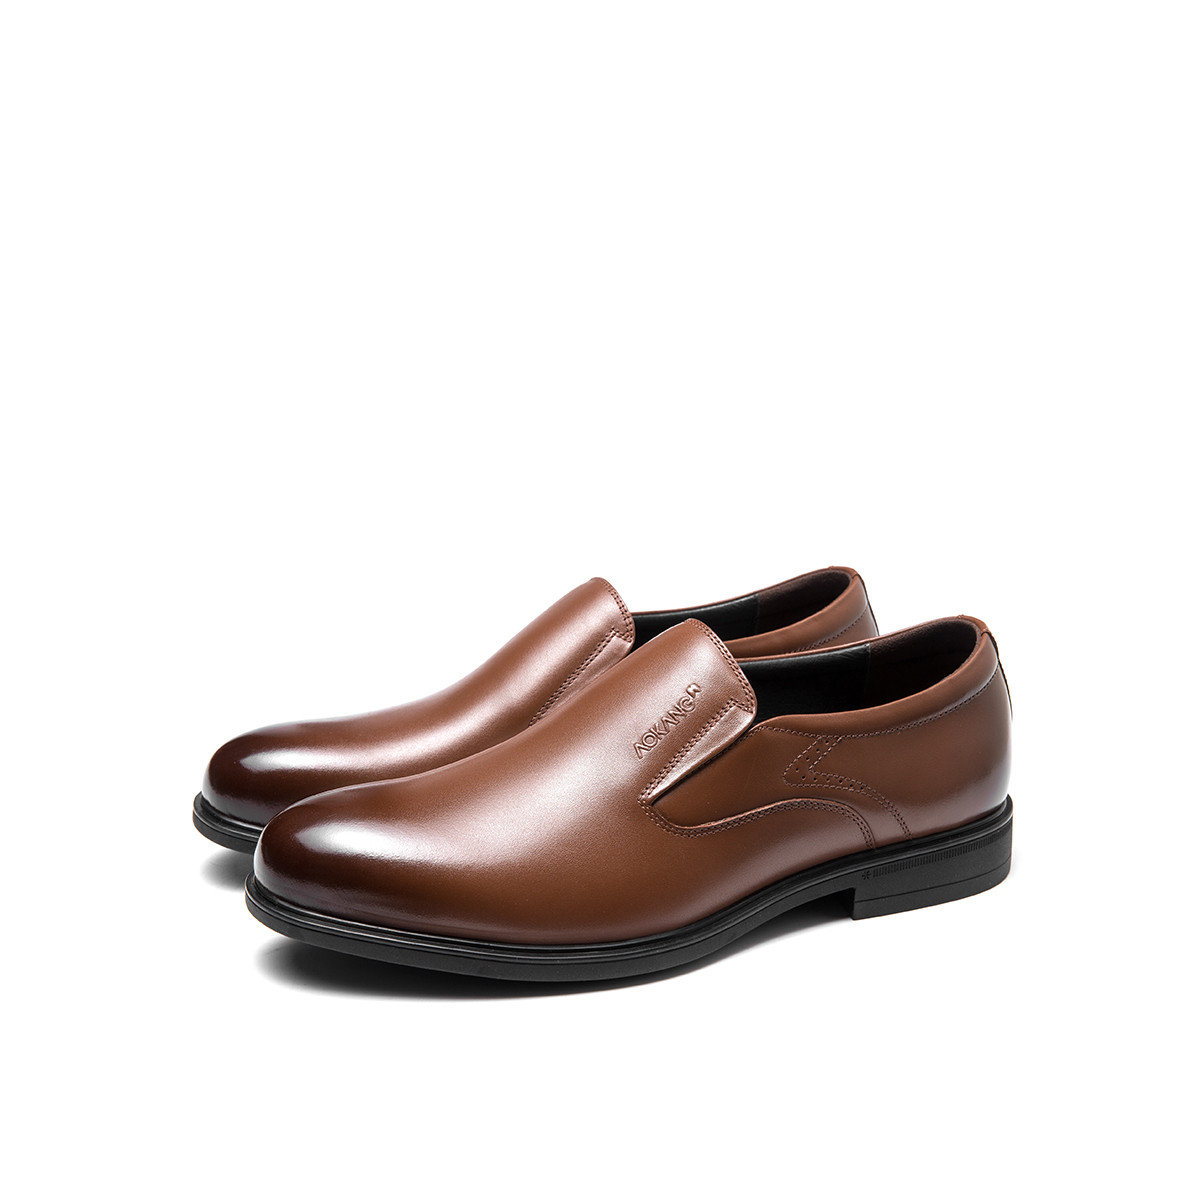 奥康奥康男鞋 2019夏季新品商务时尚套脚耐磨低跟商务休闲男鞋193111043